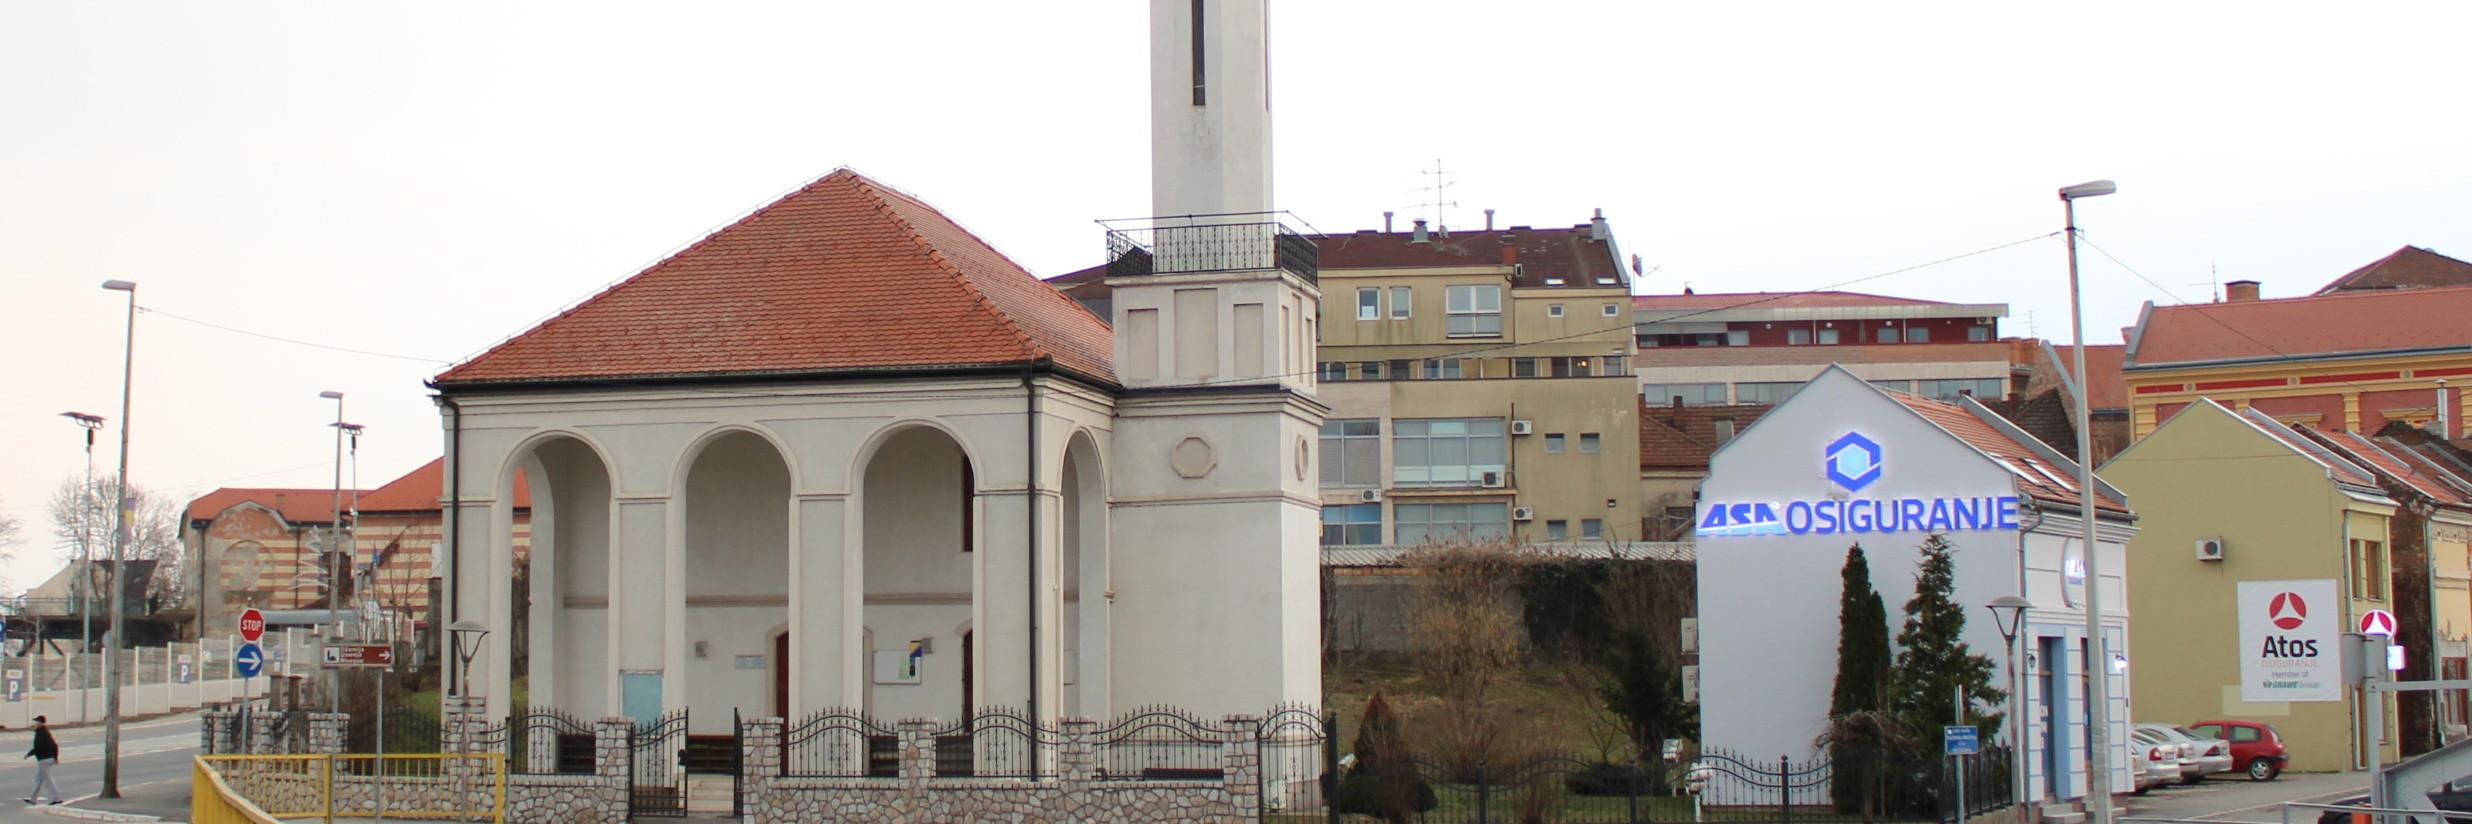 Мечеть Атик в Брчко. Фото: Елена Арсениевич, CC BY-SA 3.0